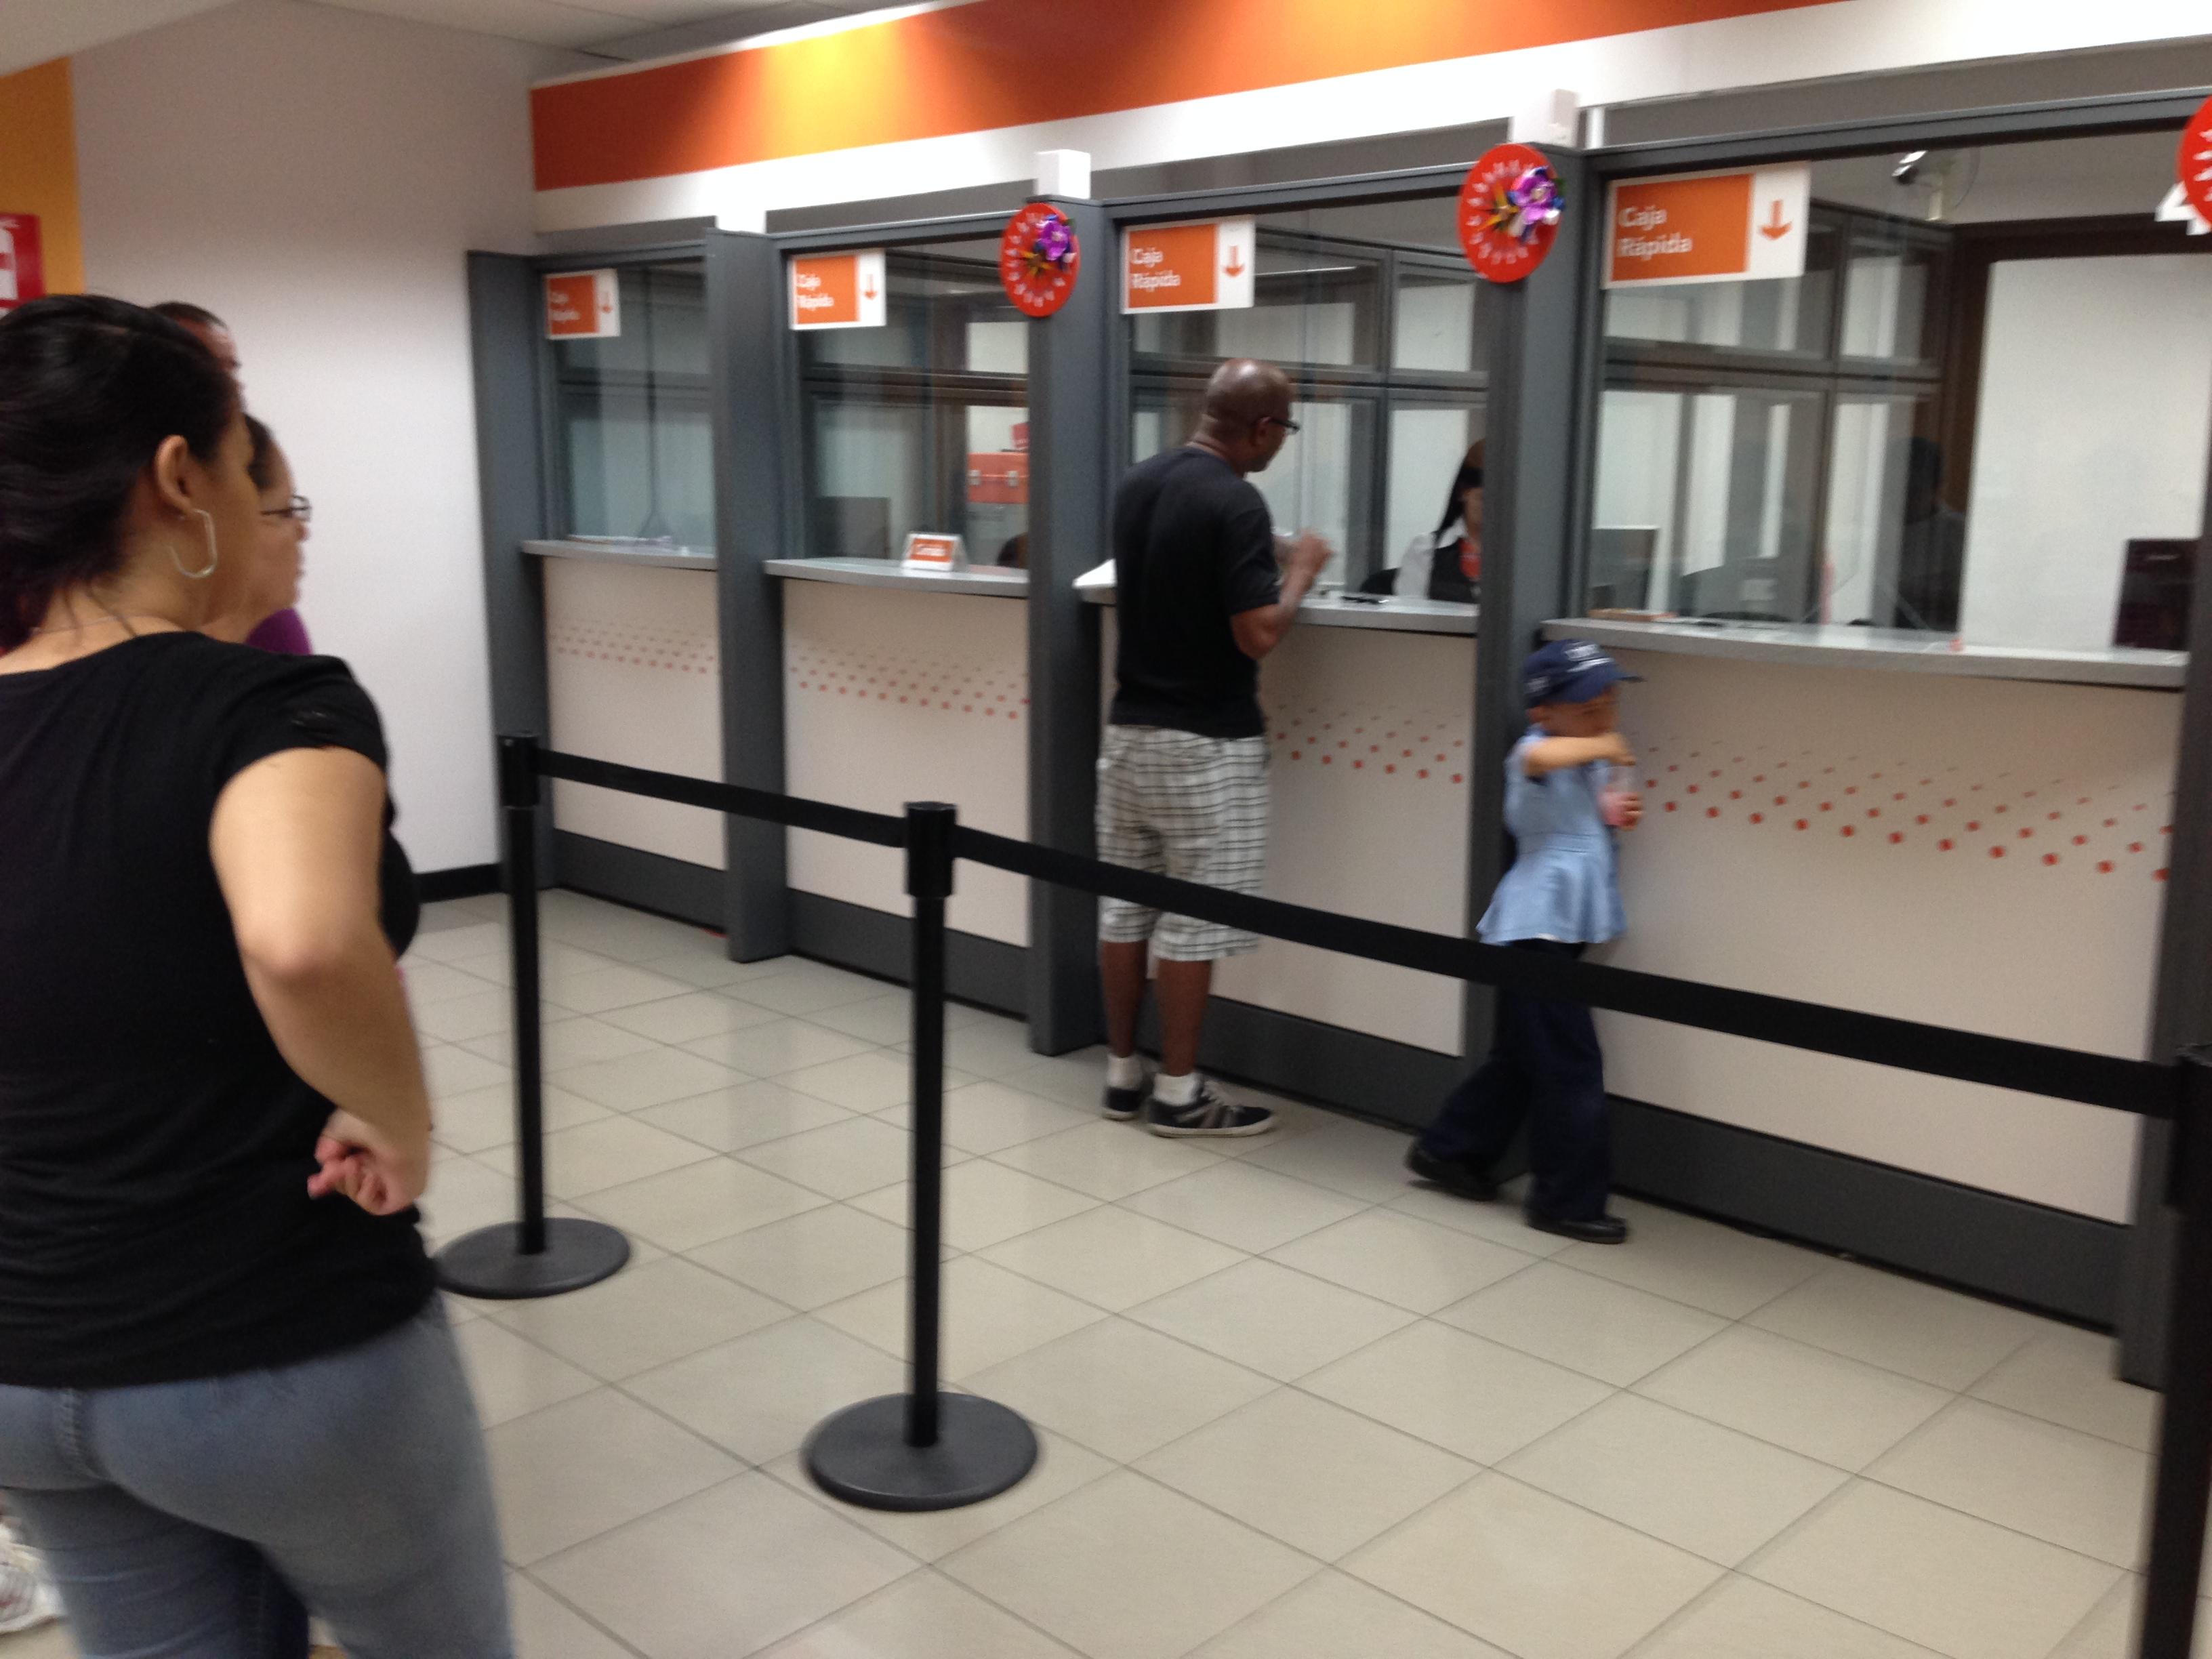 Banco popular abre dos nuevas sucursales for Oficinas banco popular malaga